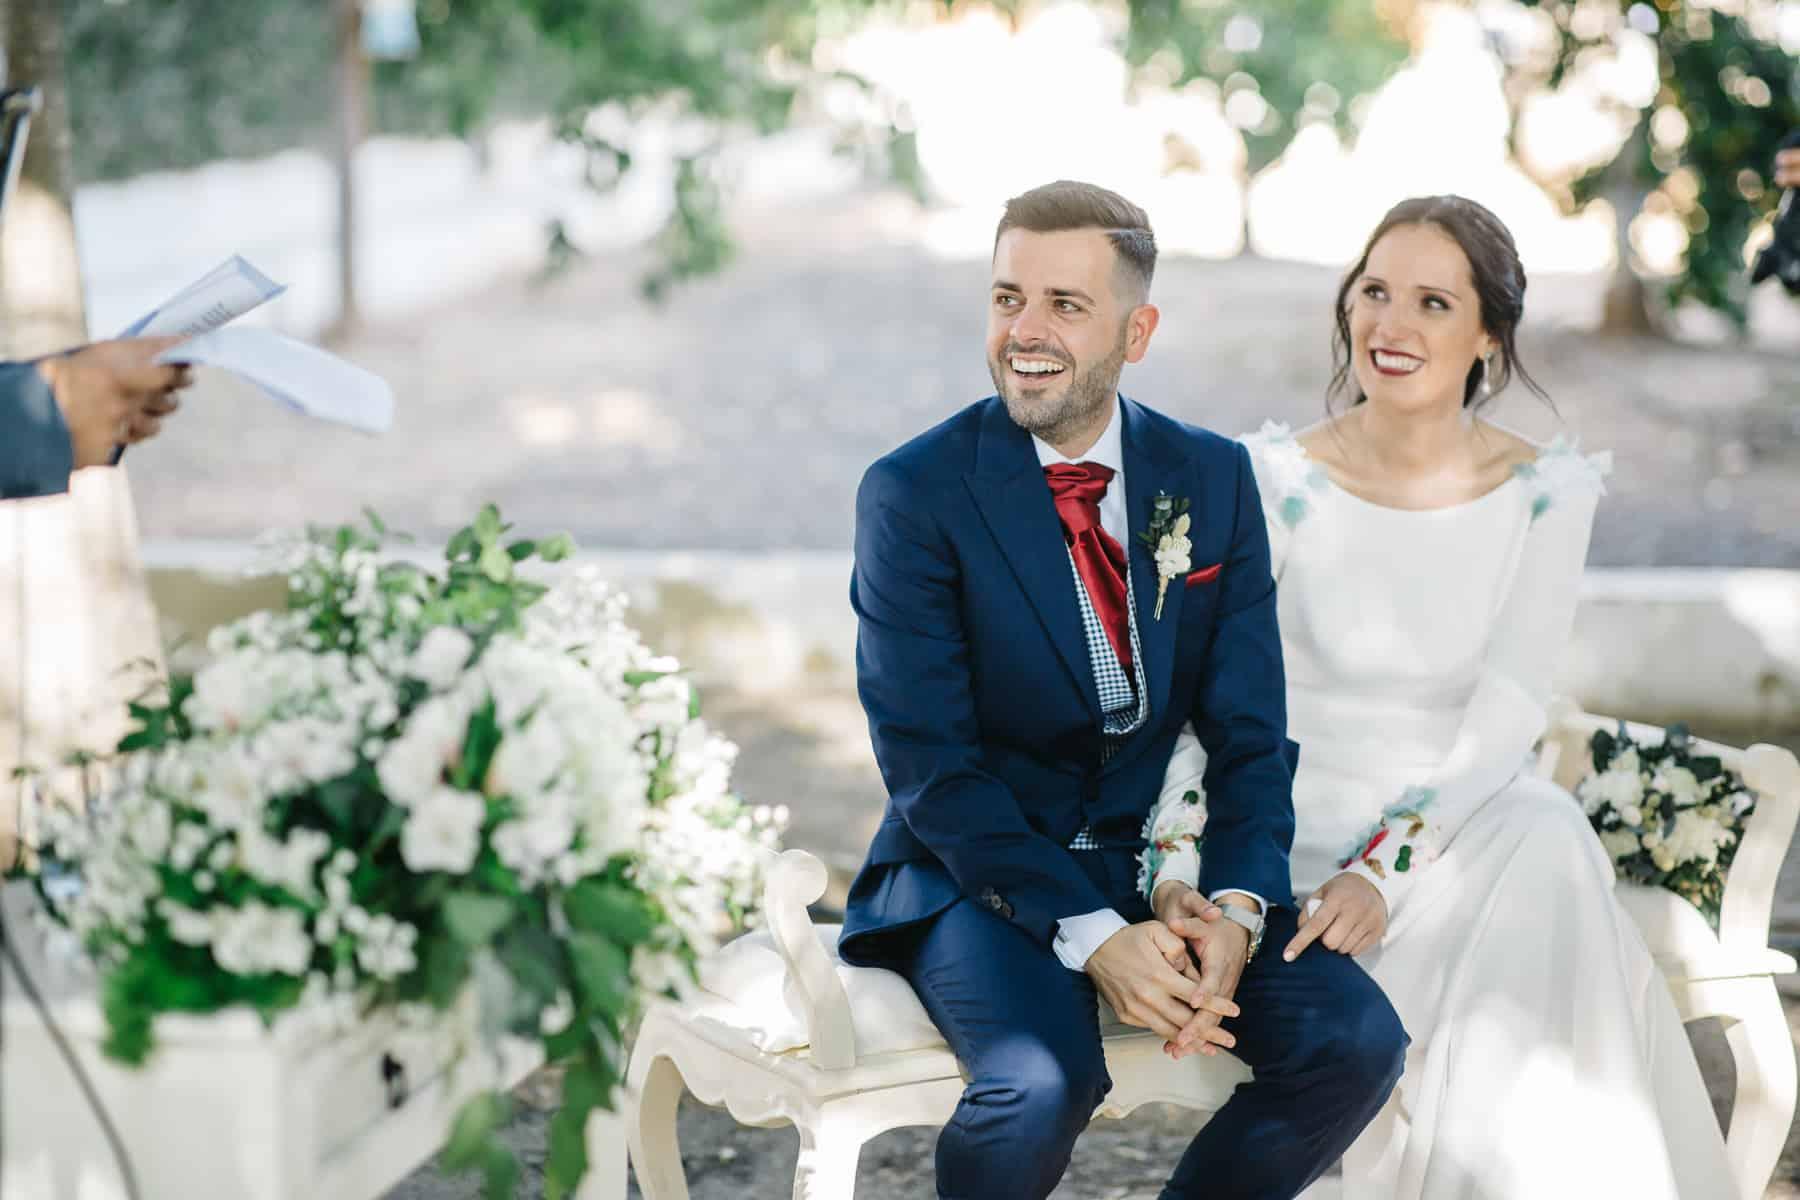 La boda de Arantxa y Raúl